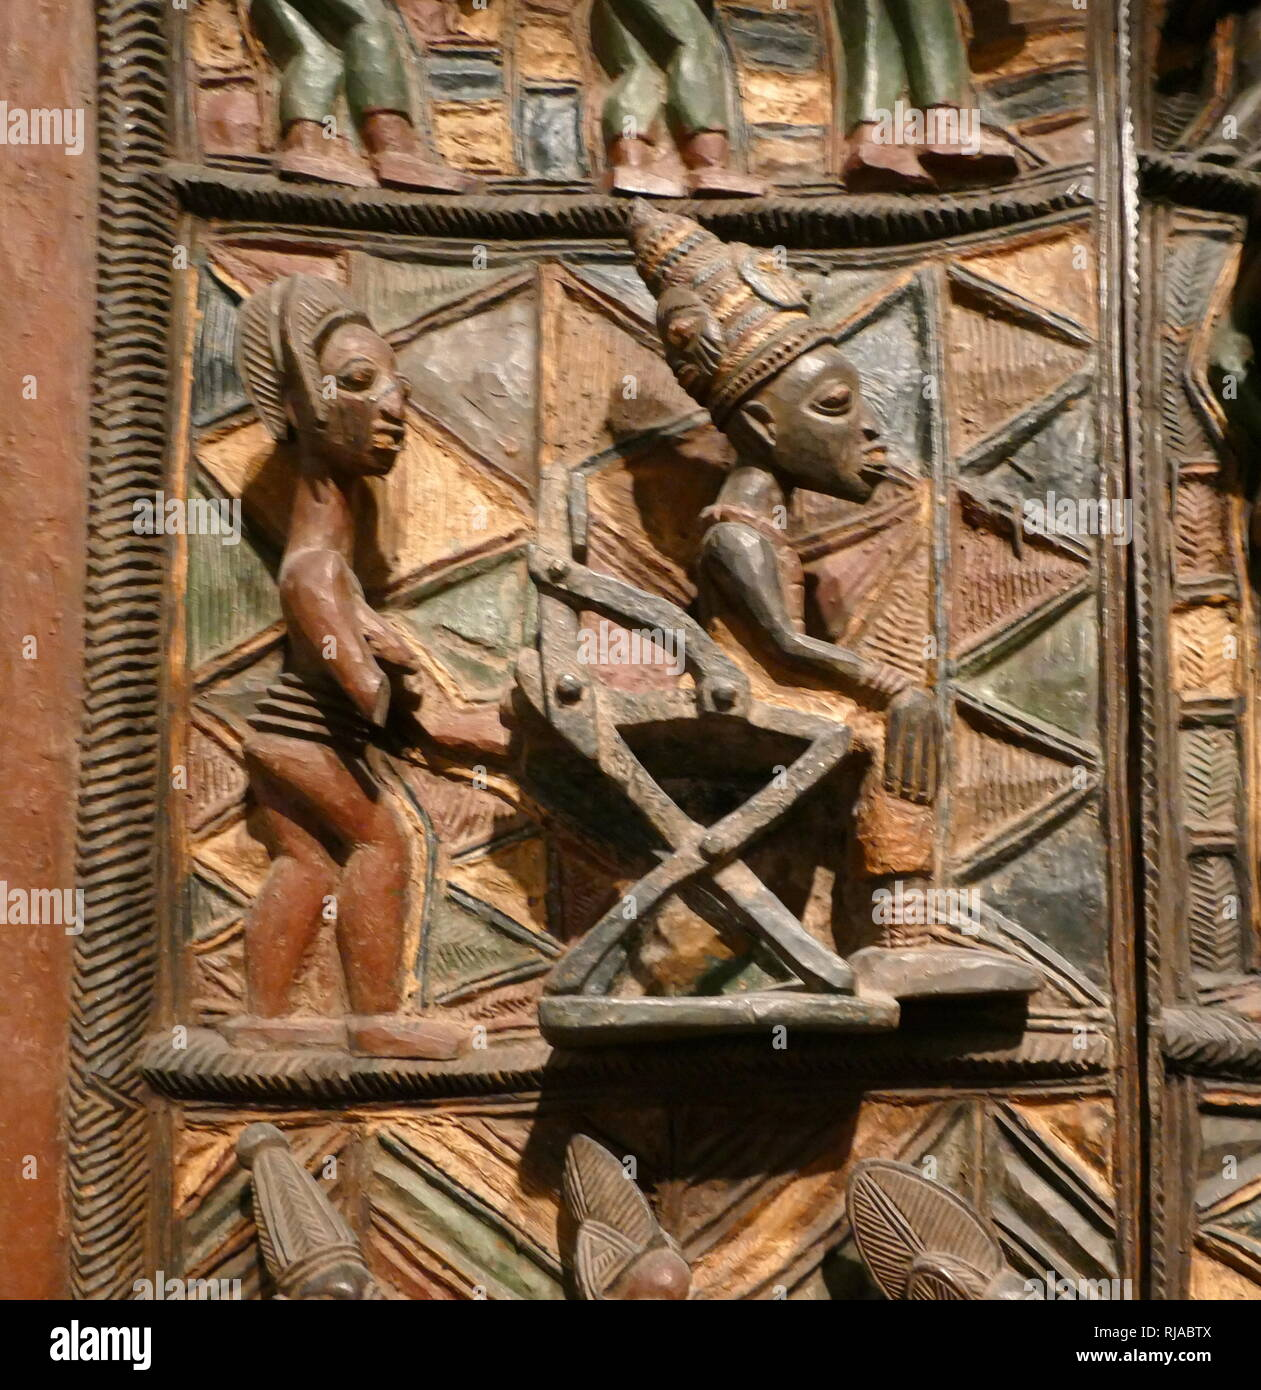 Panneau de porte en bois. Yoruba, Nigéria, 1910-1914. sculpté par Olowe d'Ise pour le palais royal à Ikere. commémorant la réception par le Ogoga (roi) en 1901, du premier administrateur britannique, le capitaine Ambrose. Banque D'Images